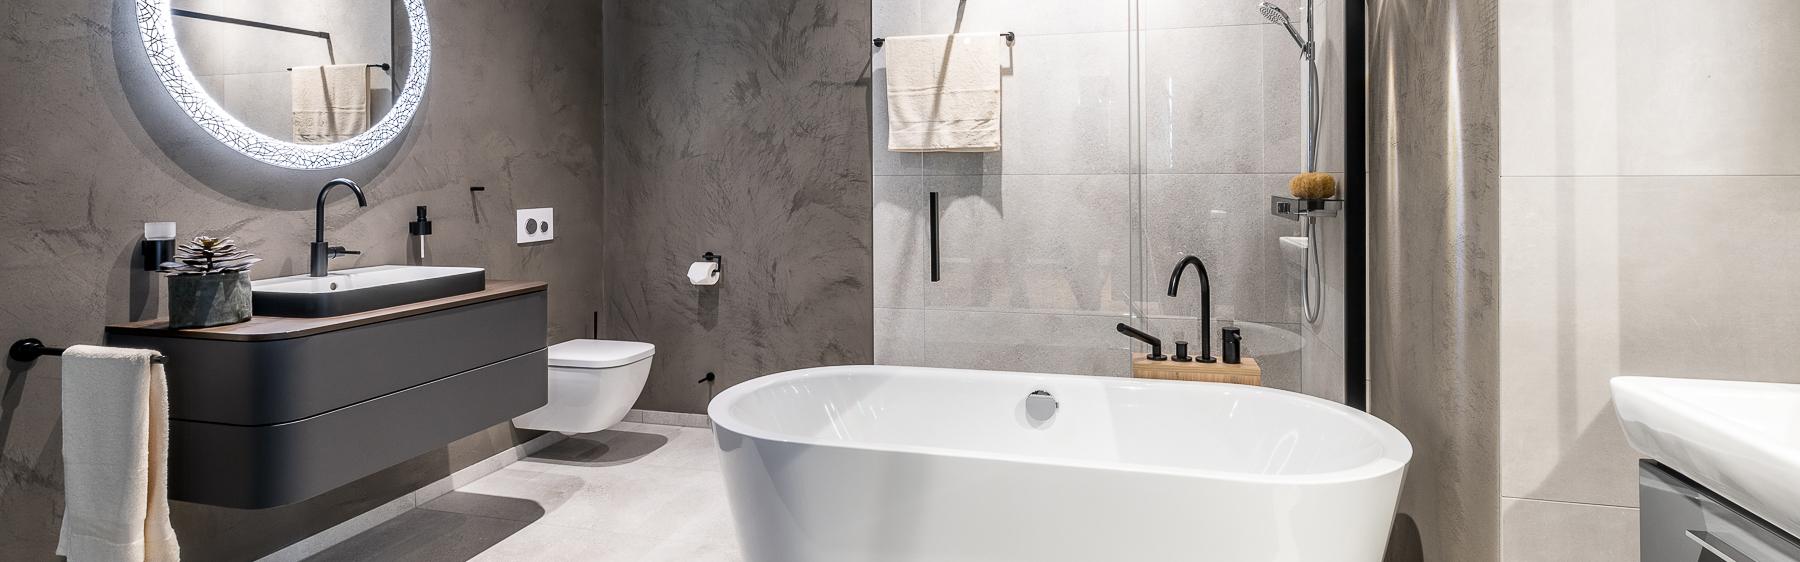 Abbildung elegantes Badezimmer mit Badewanne, Dusche, WC und Waschtisch